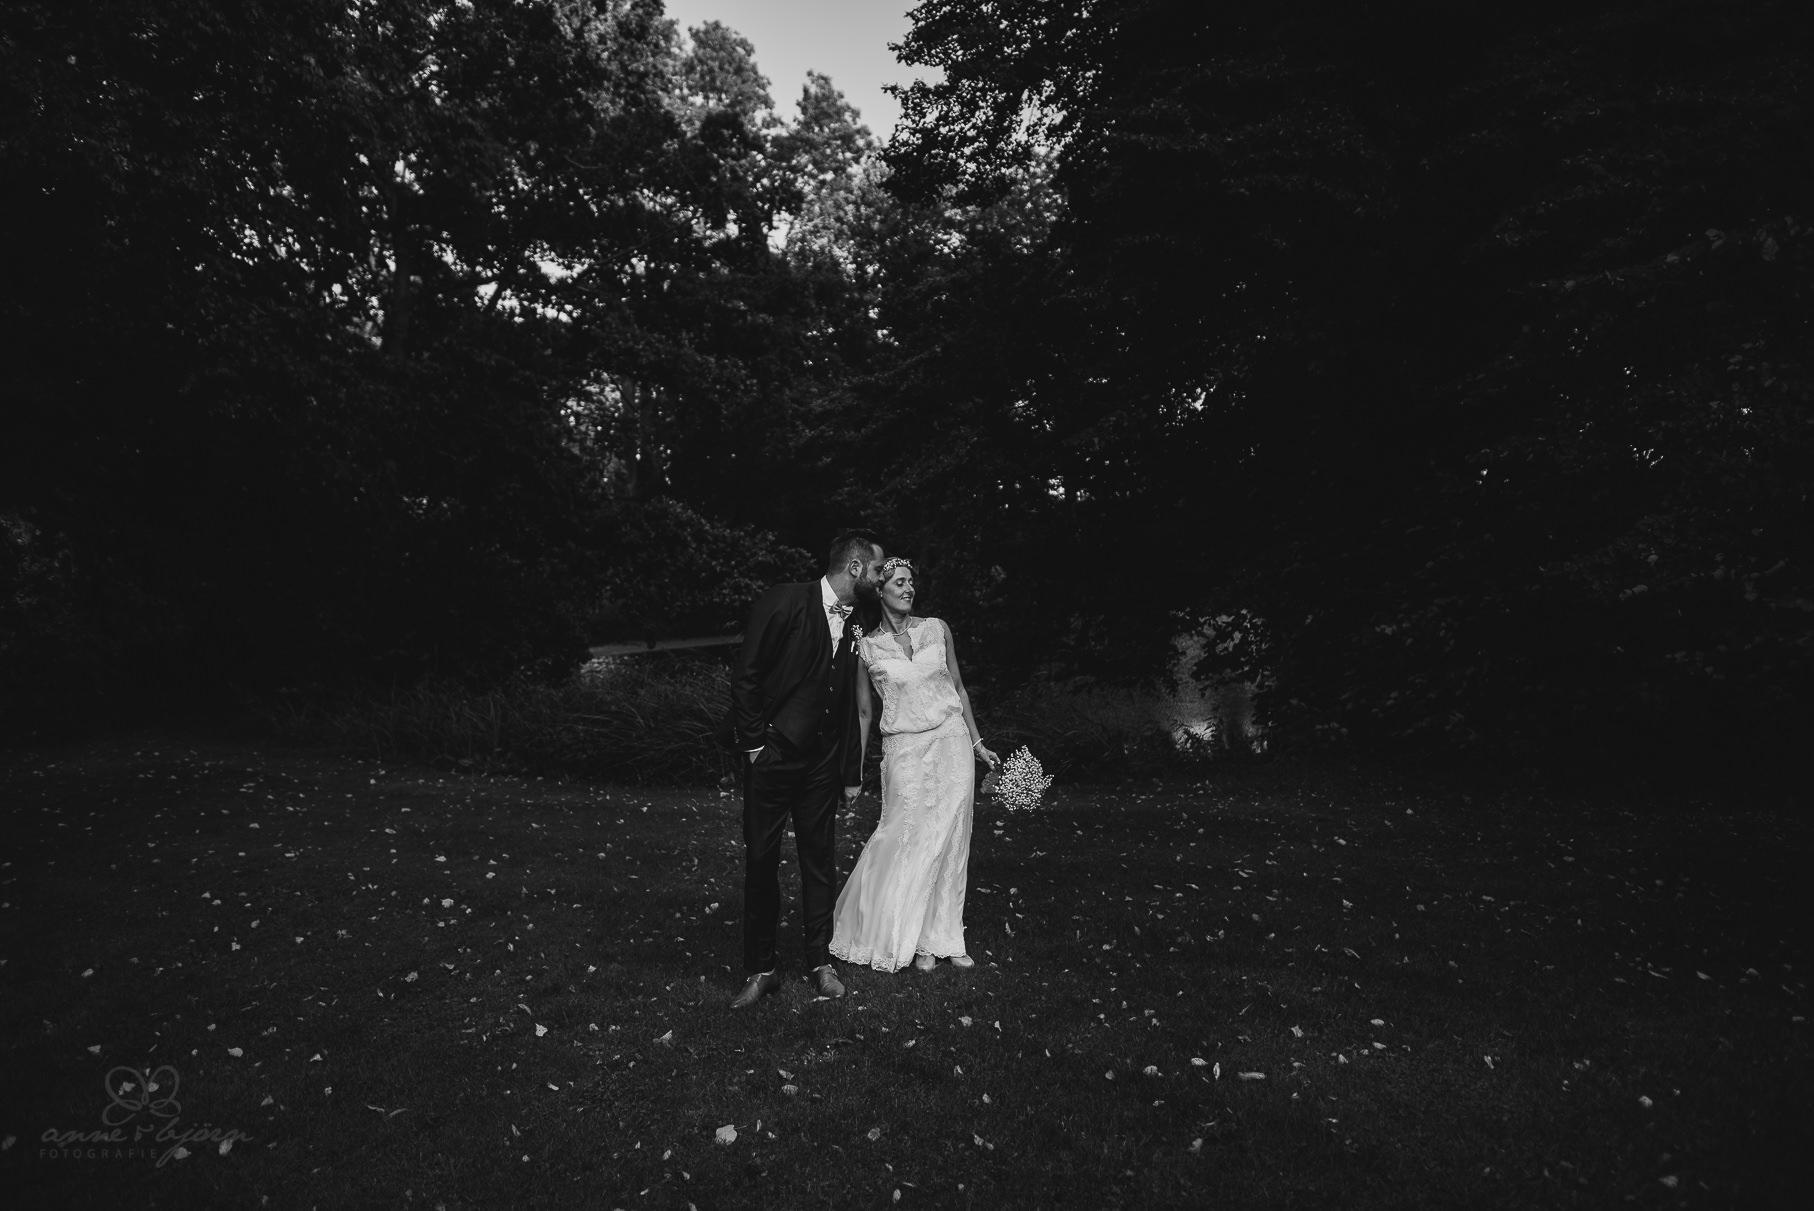 0121 anne und bjoern claudi und enno 811 3822 - Hochzeit auf Rügen (Klein Kubbelkow) - Claudi & Enno